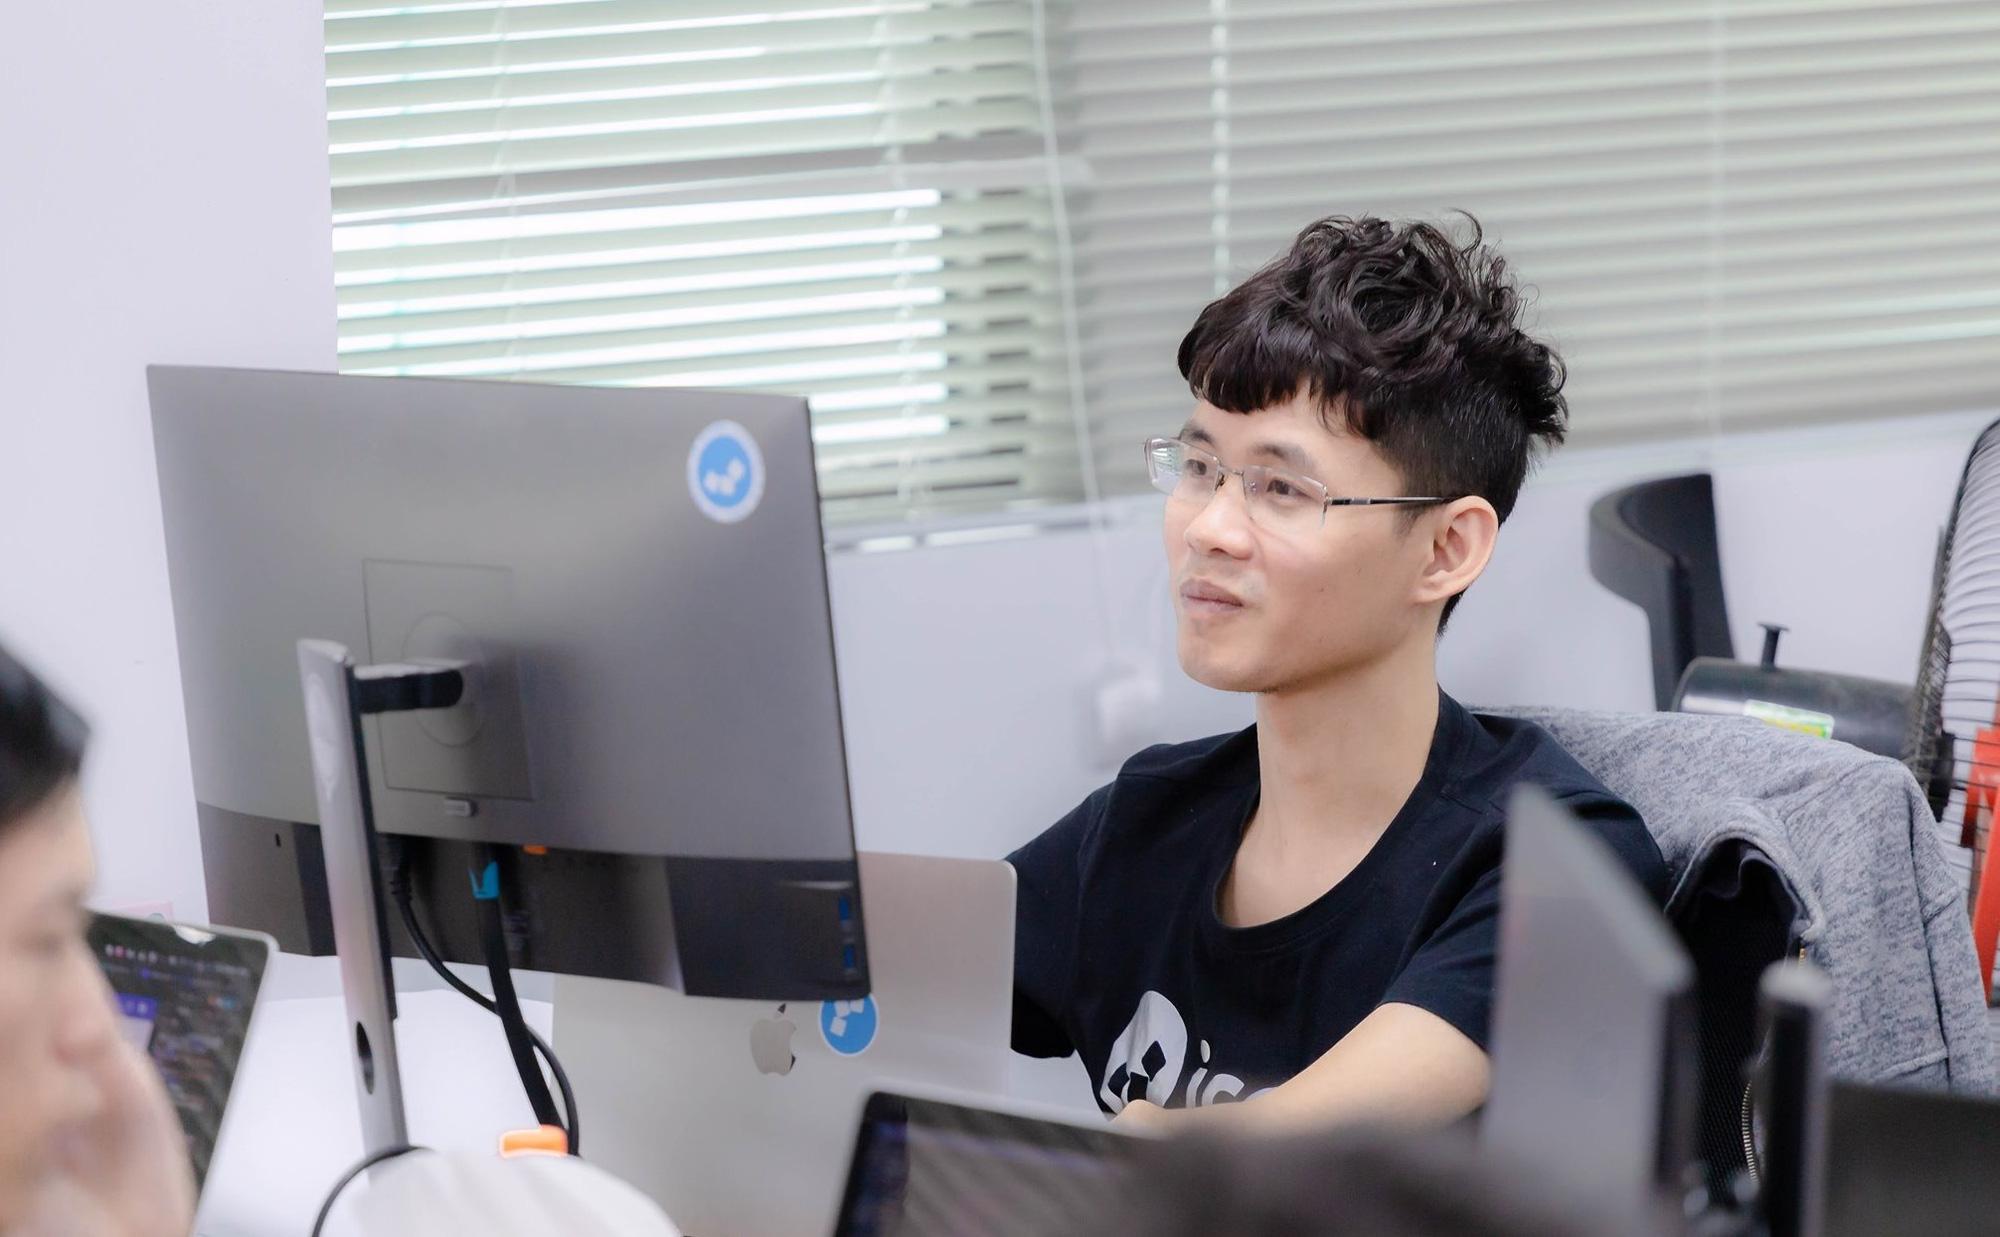 Founder Icetea: Bỏ ngang Đại học, không xin được việc vì quá gầy, ở nhà ăn bám suốt 2 năm, lập ra startup trà đá làm công nghệ blockchain - Ảnh 2.